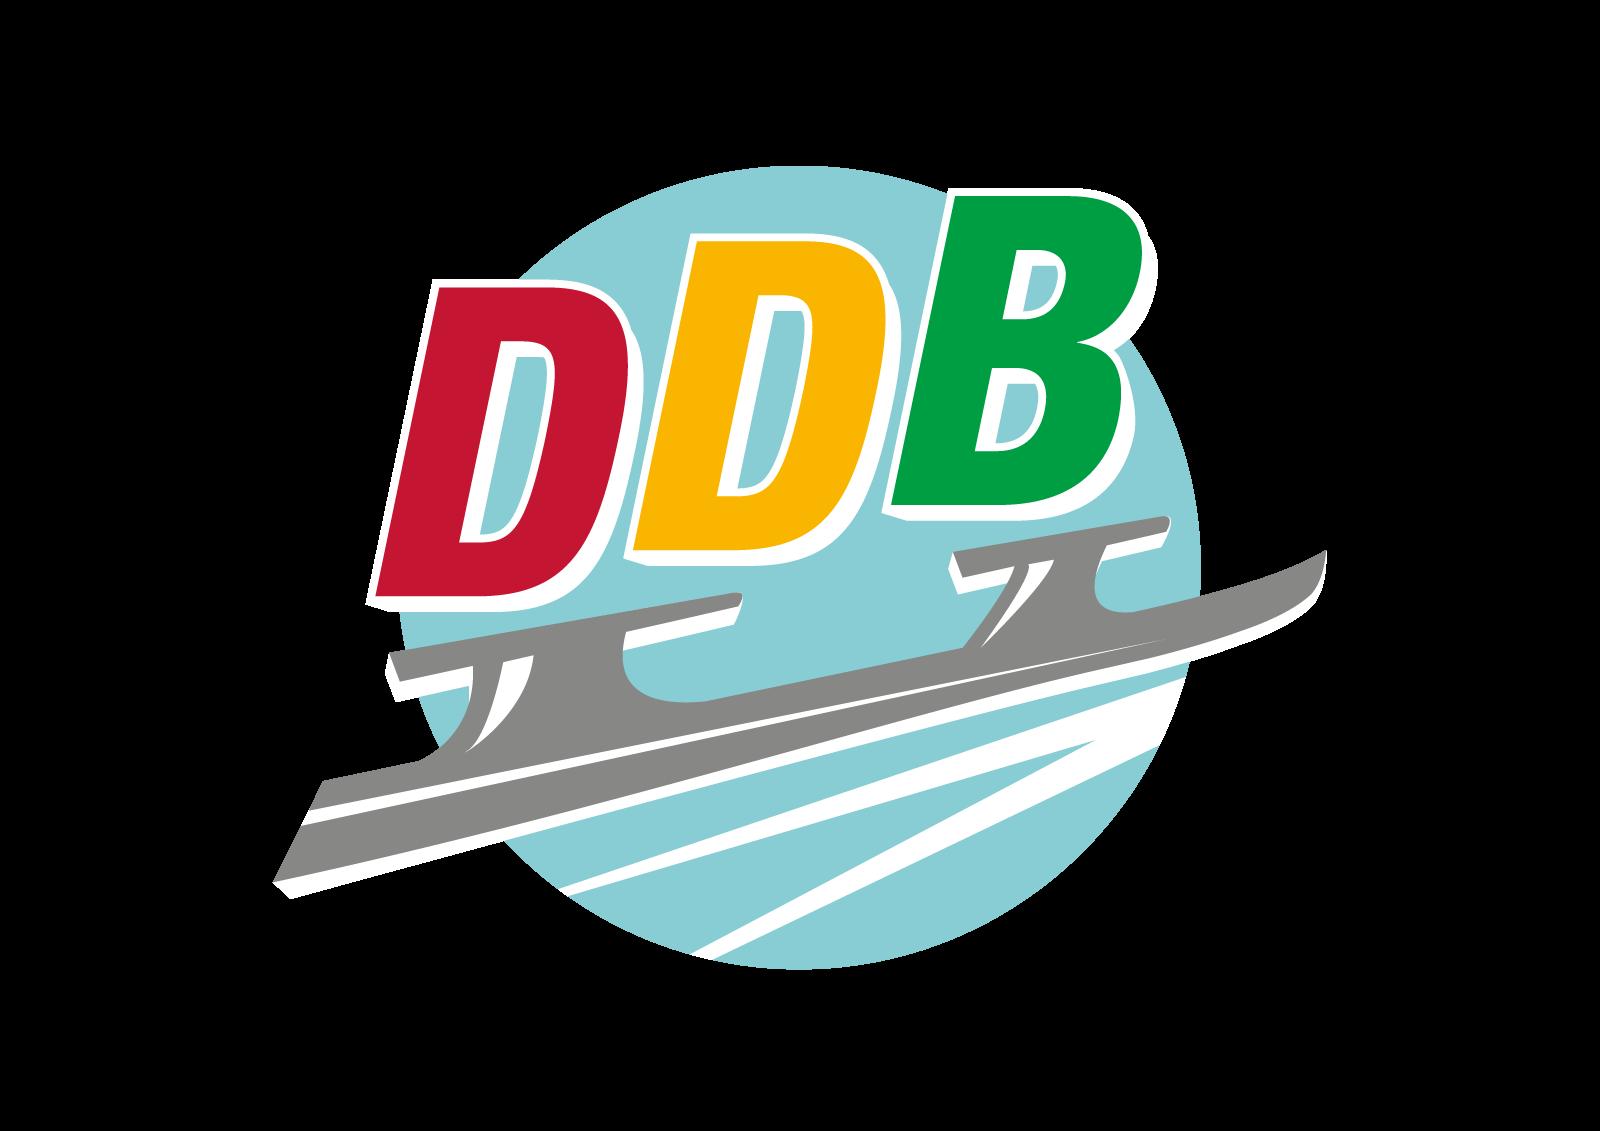 ddb_logo_basic